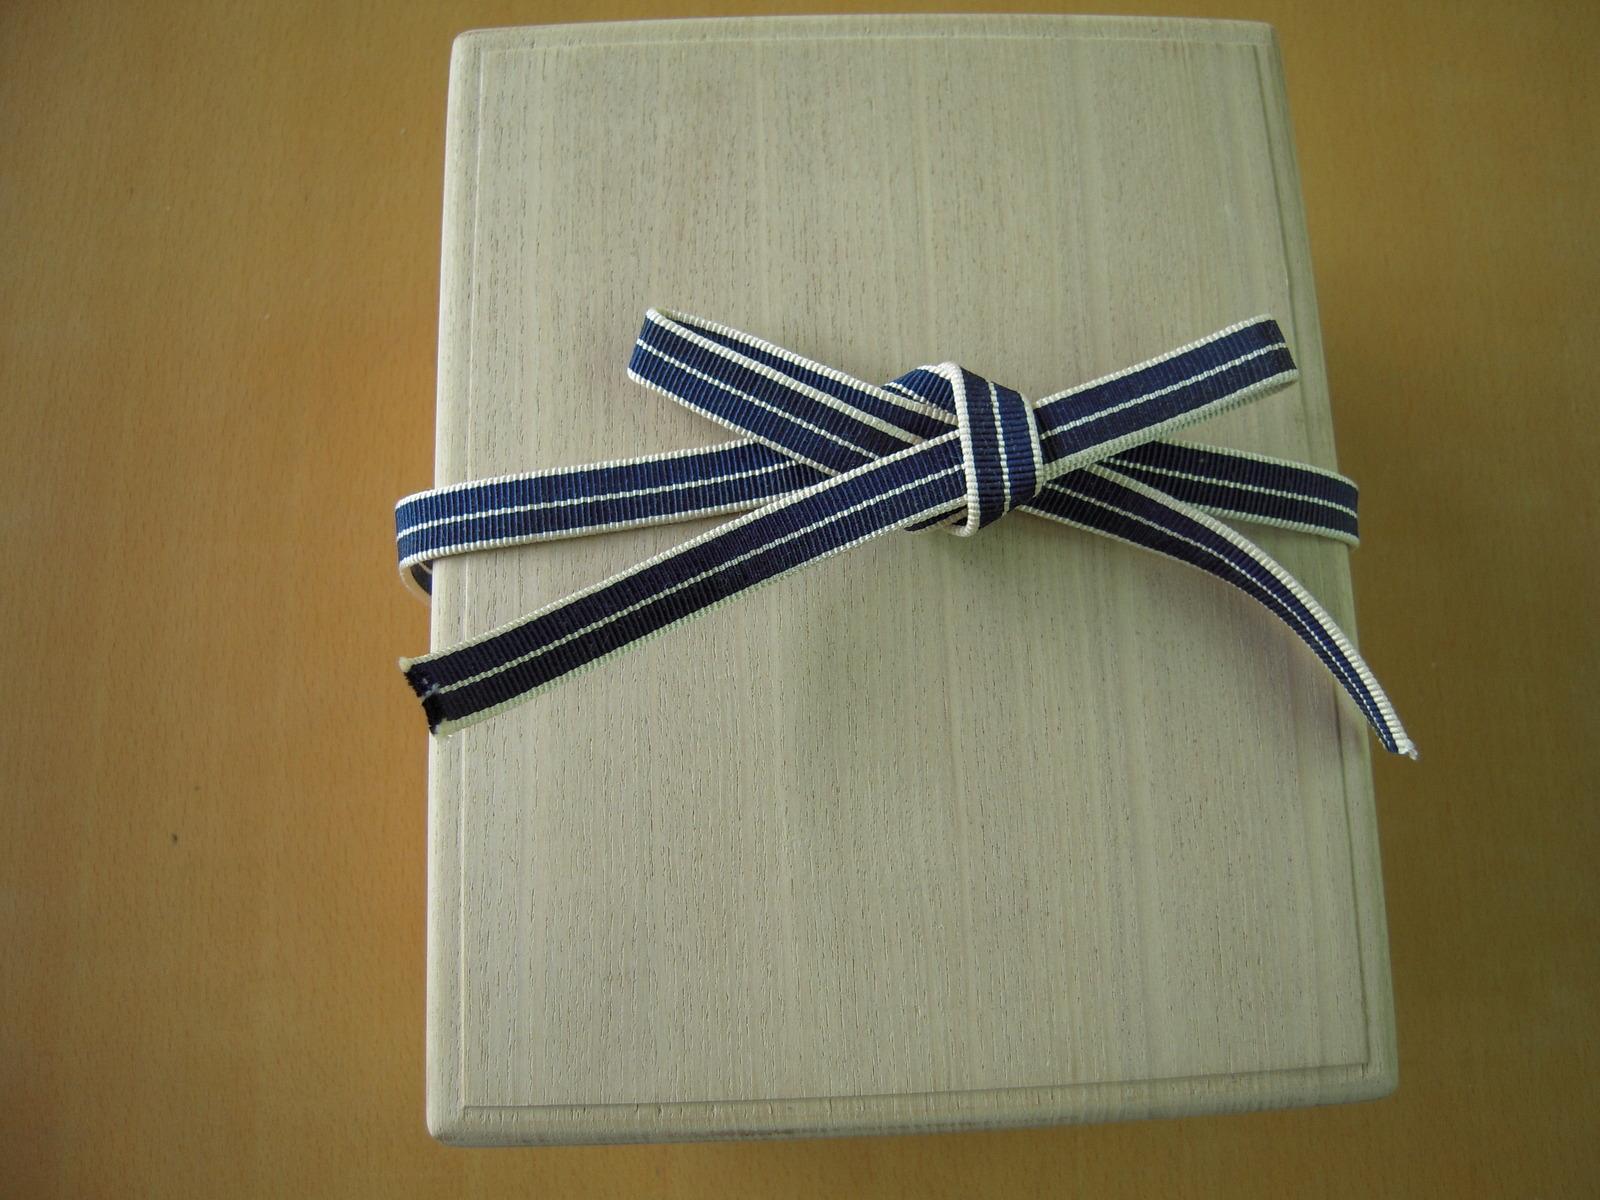 セール特価品 百人一首 収納桐箱 小 ひも付き 国産 高級 桐製 かるた カード 大人気! 豪華 オリジナル 上等品 収納